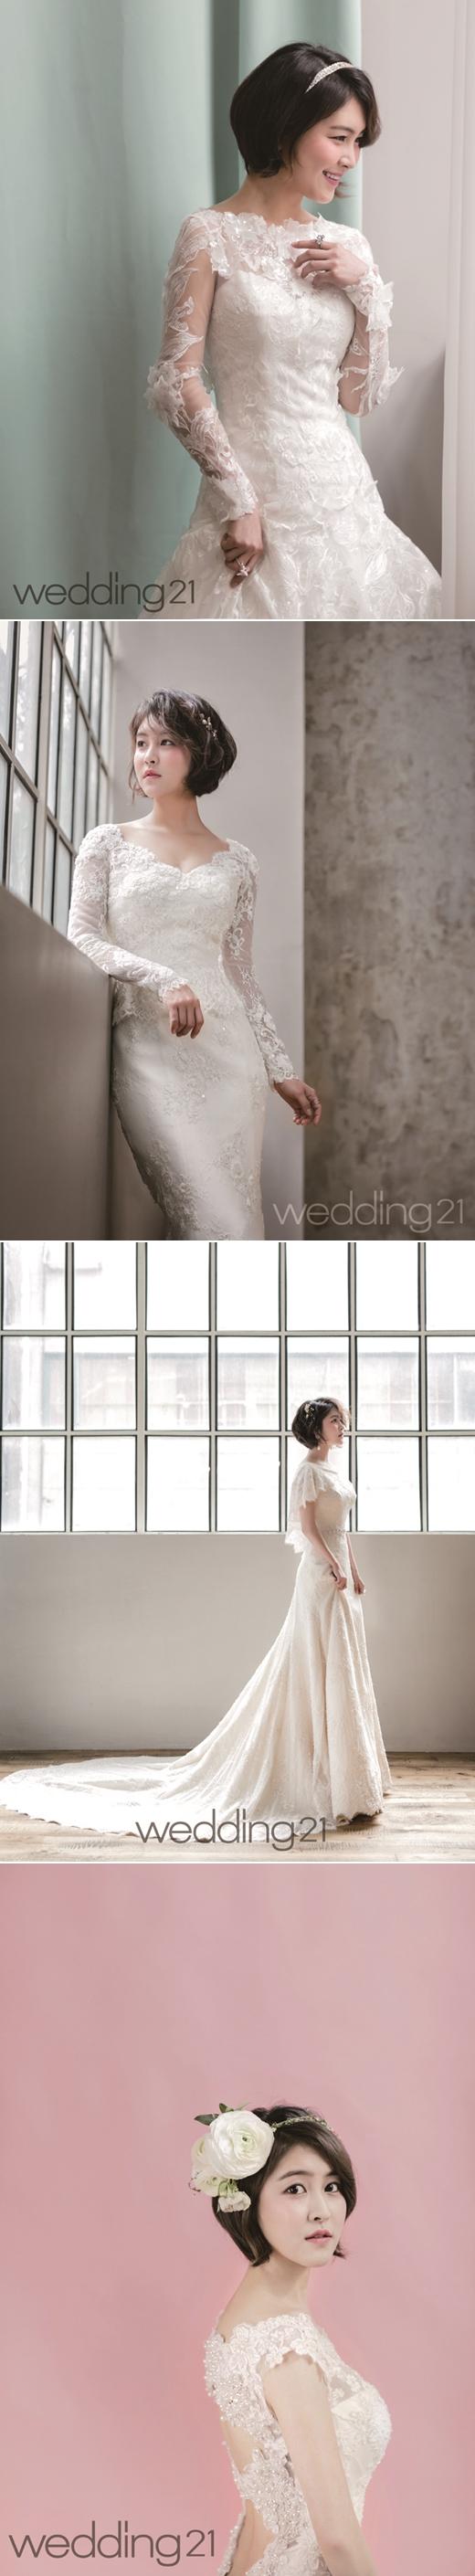 '치인트' 박민지, 봄의 신부로 변신…웨딩화보 공개